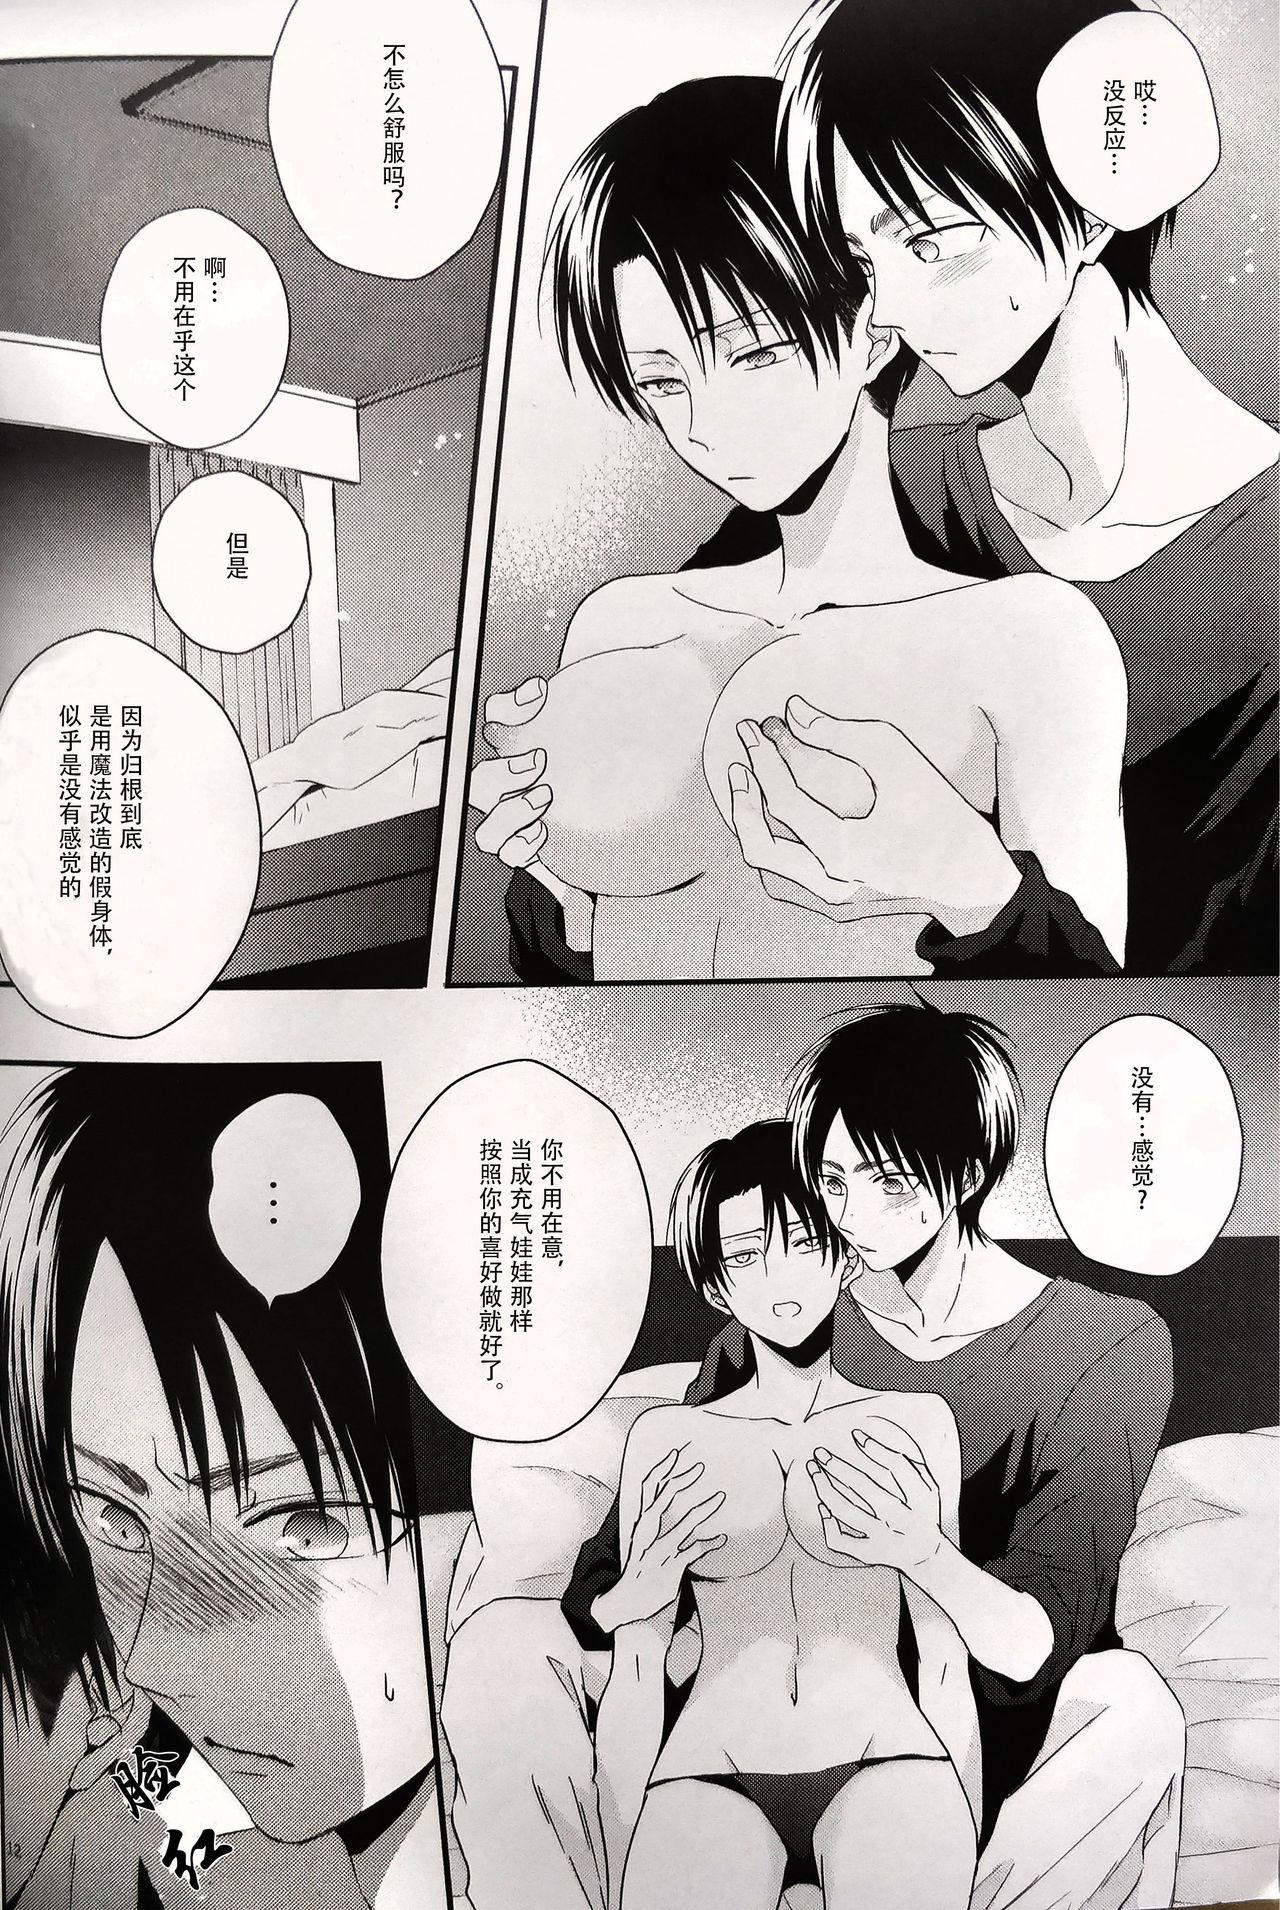 Hoshi e cho ni onegai ~tsu! | 向星兵长许愿! 10